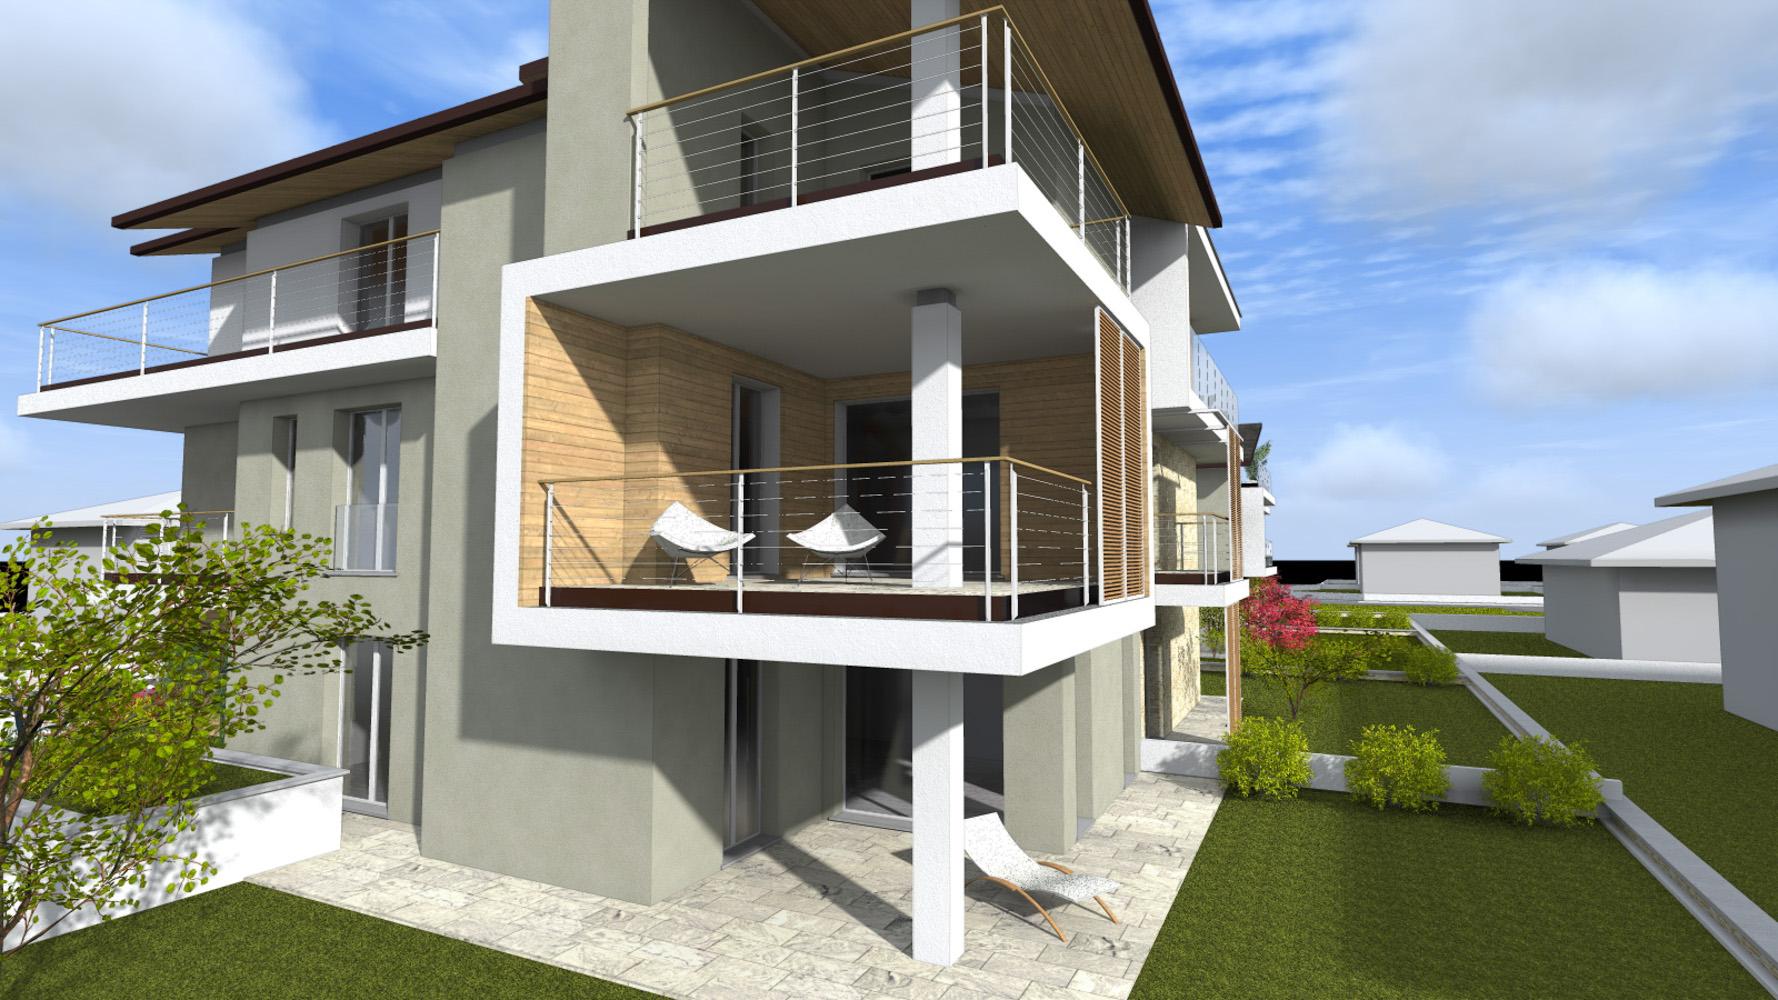 T2 trilocale con giardino for Software di piano terra residenziale